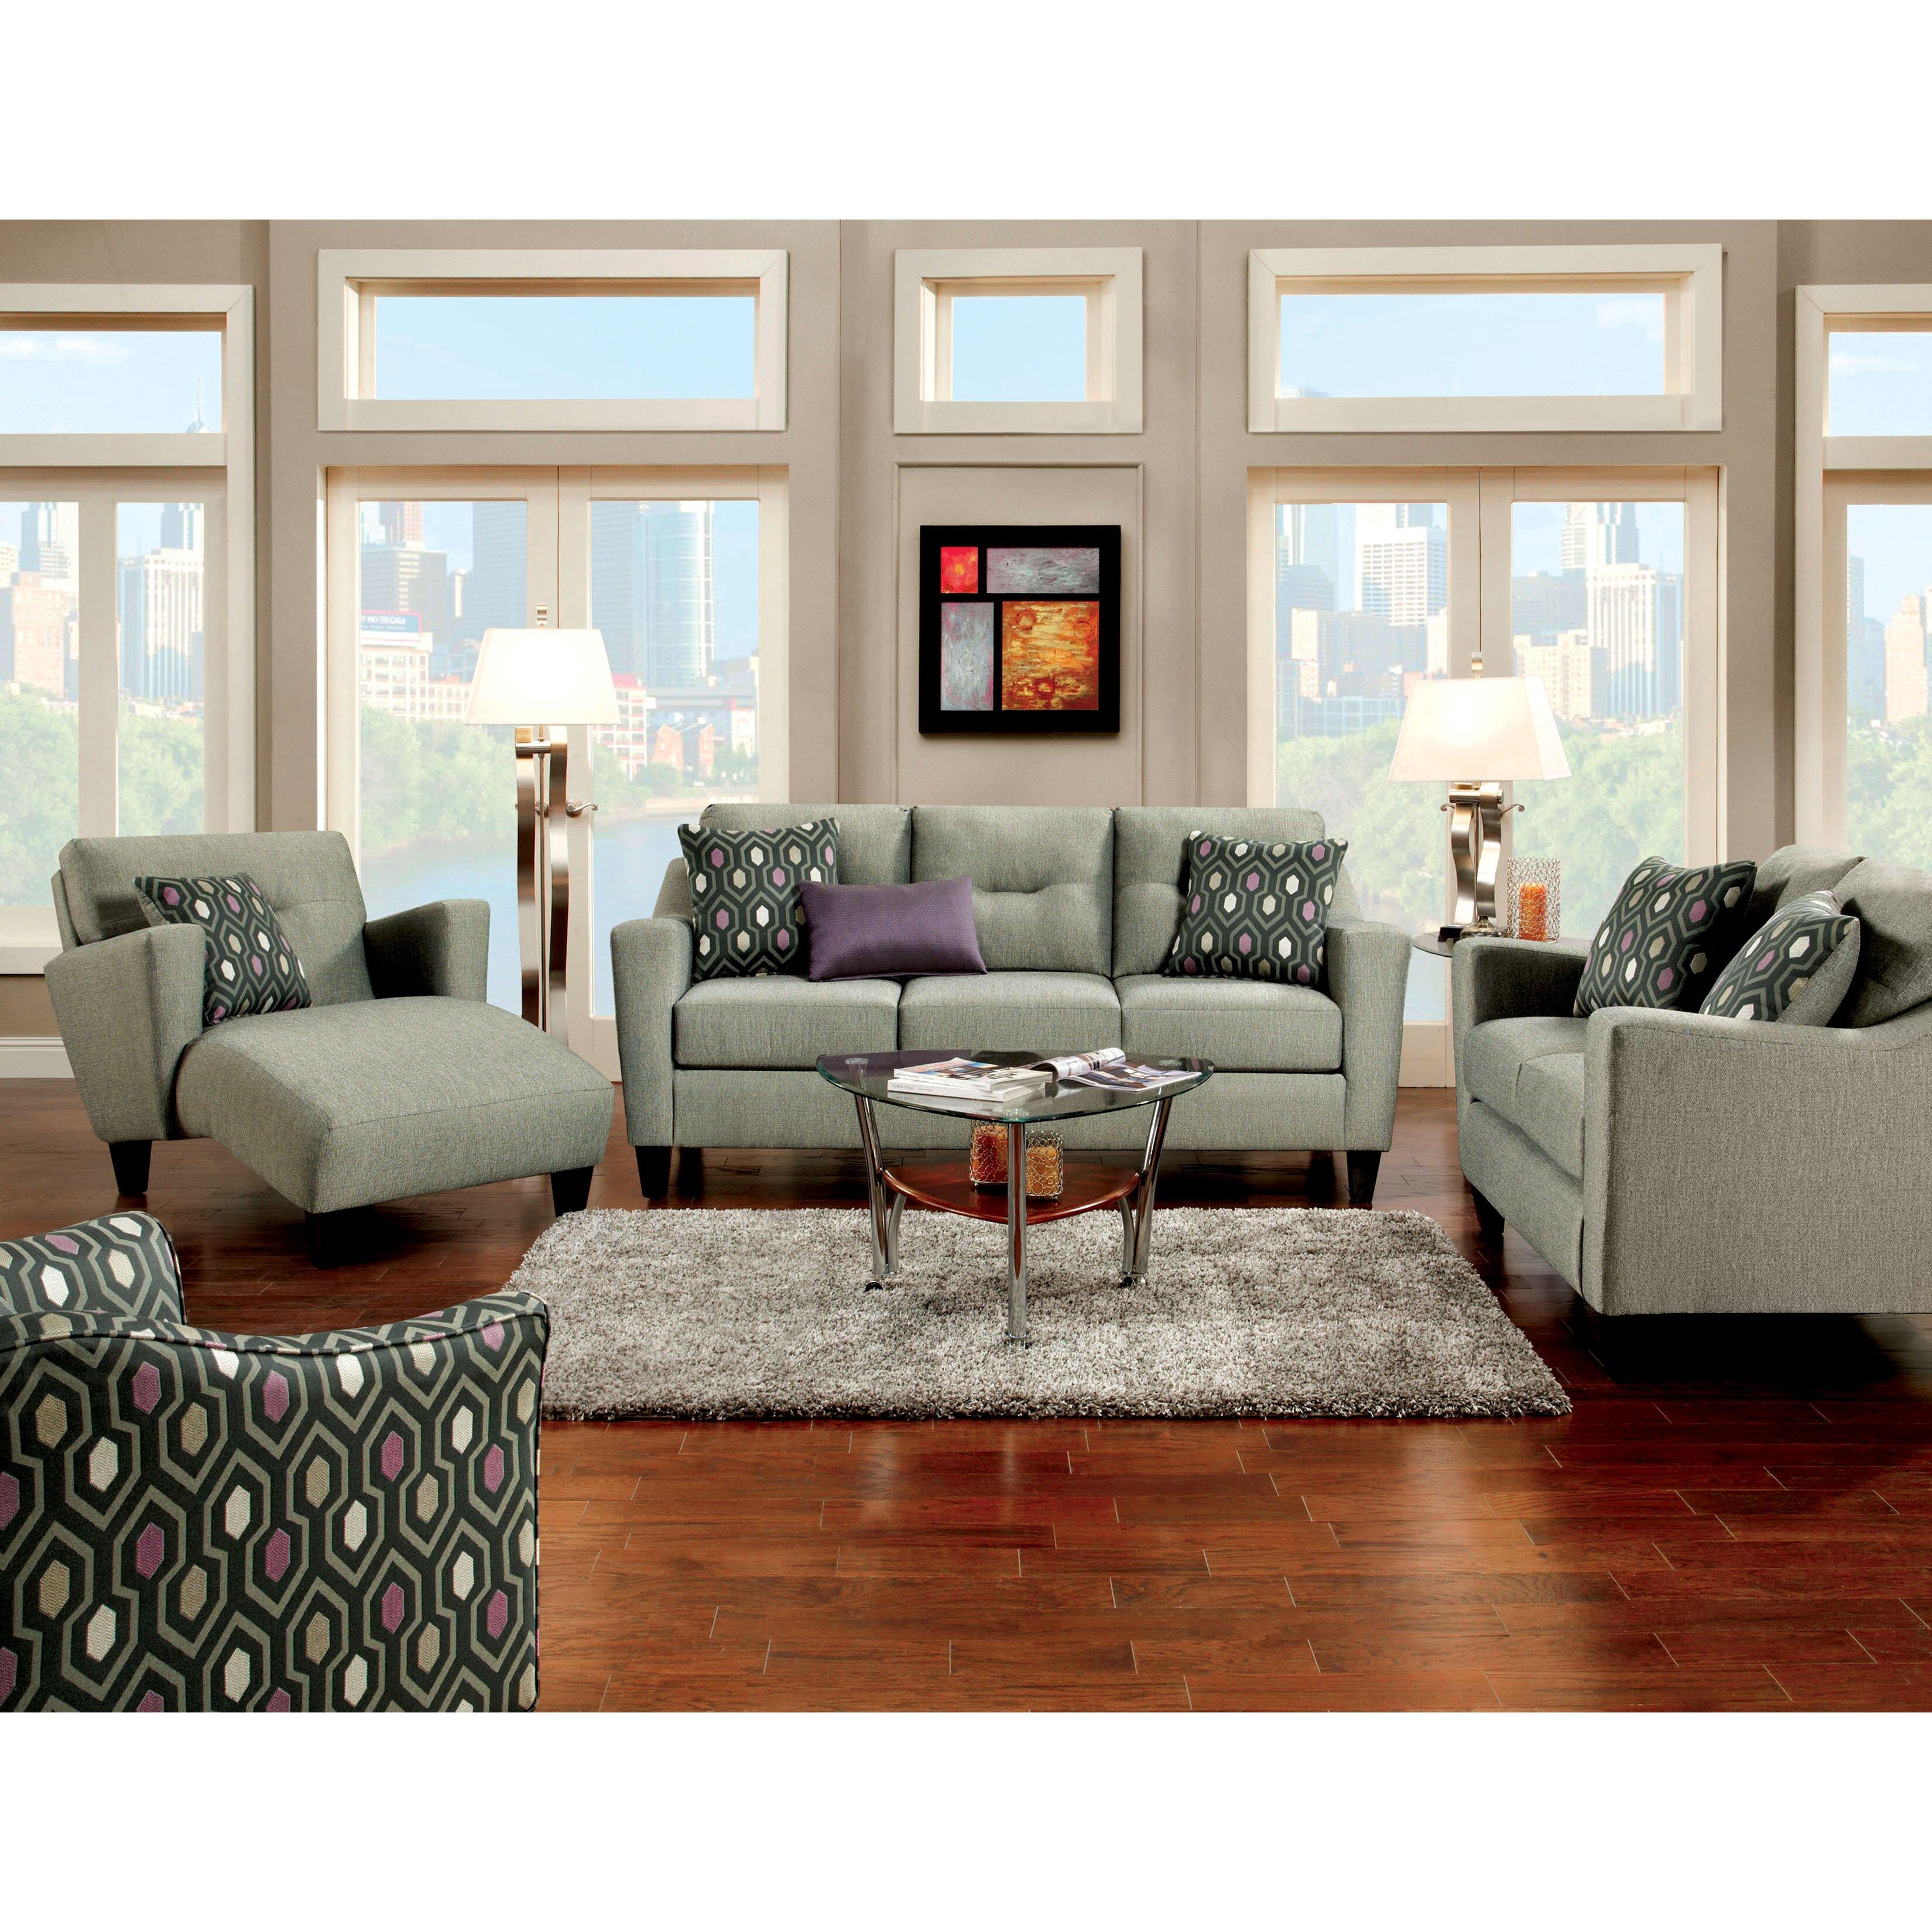 Hokku designs violette living room collection reviews for Hokku designs living room furniture